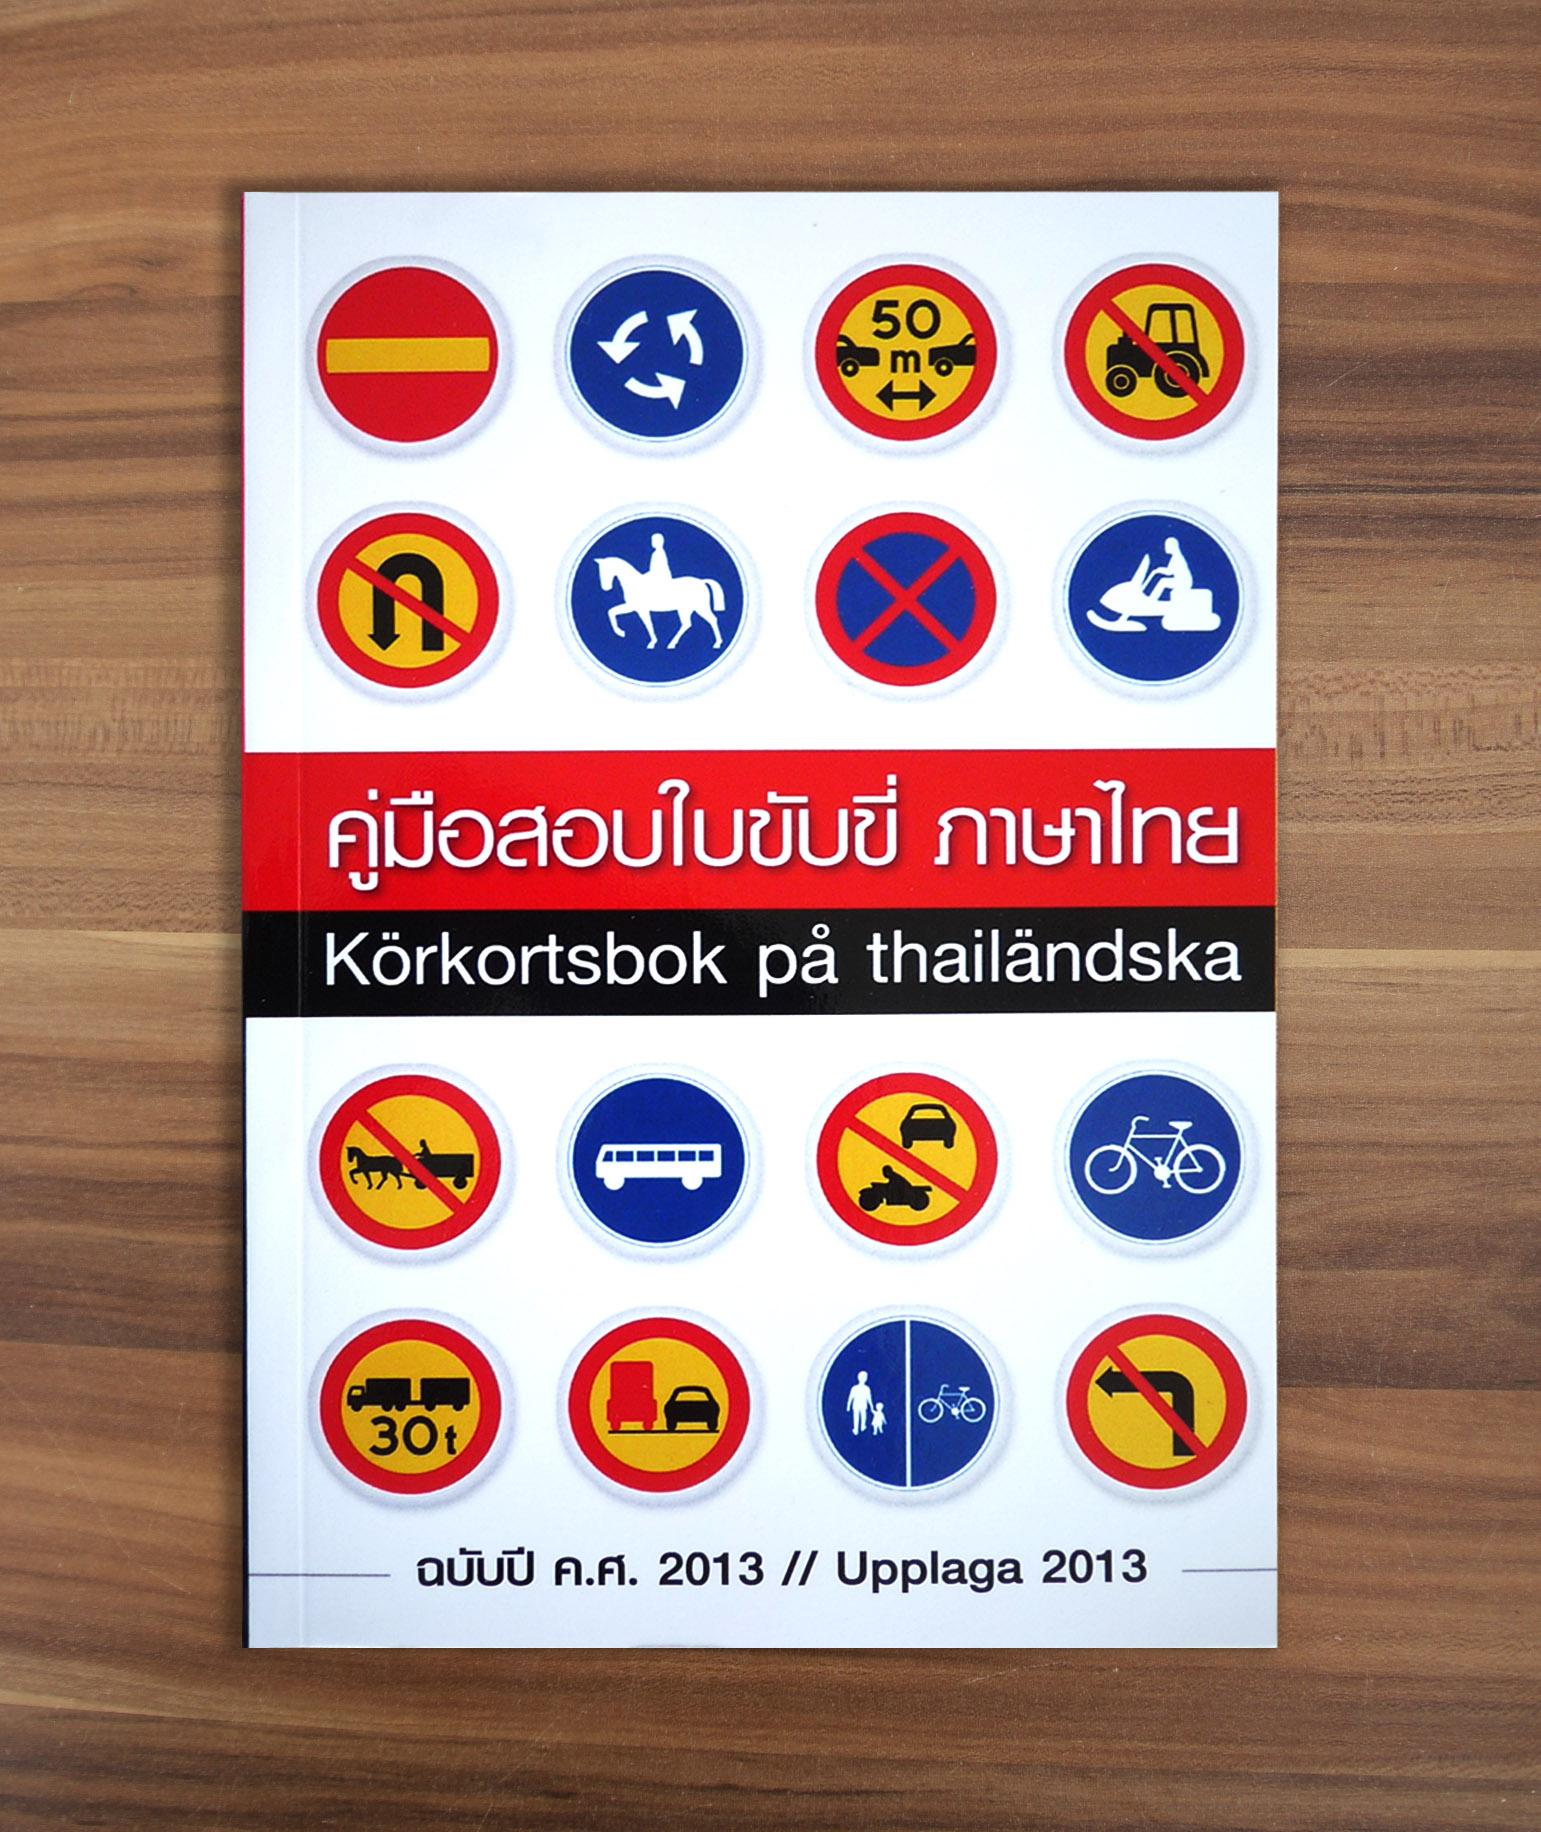 Körkortsboken på thailändska